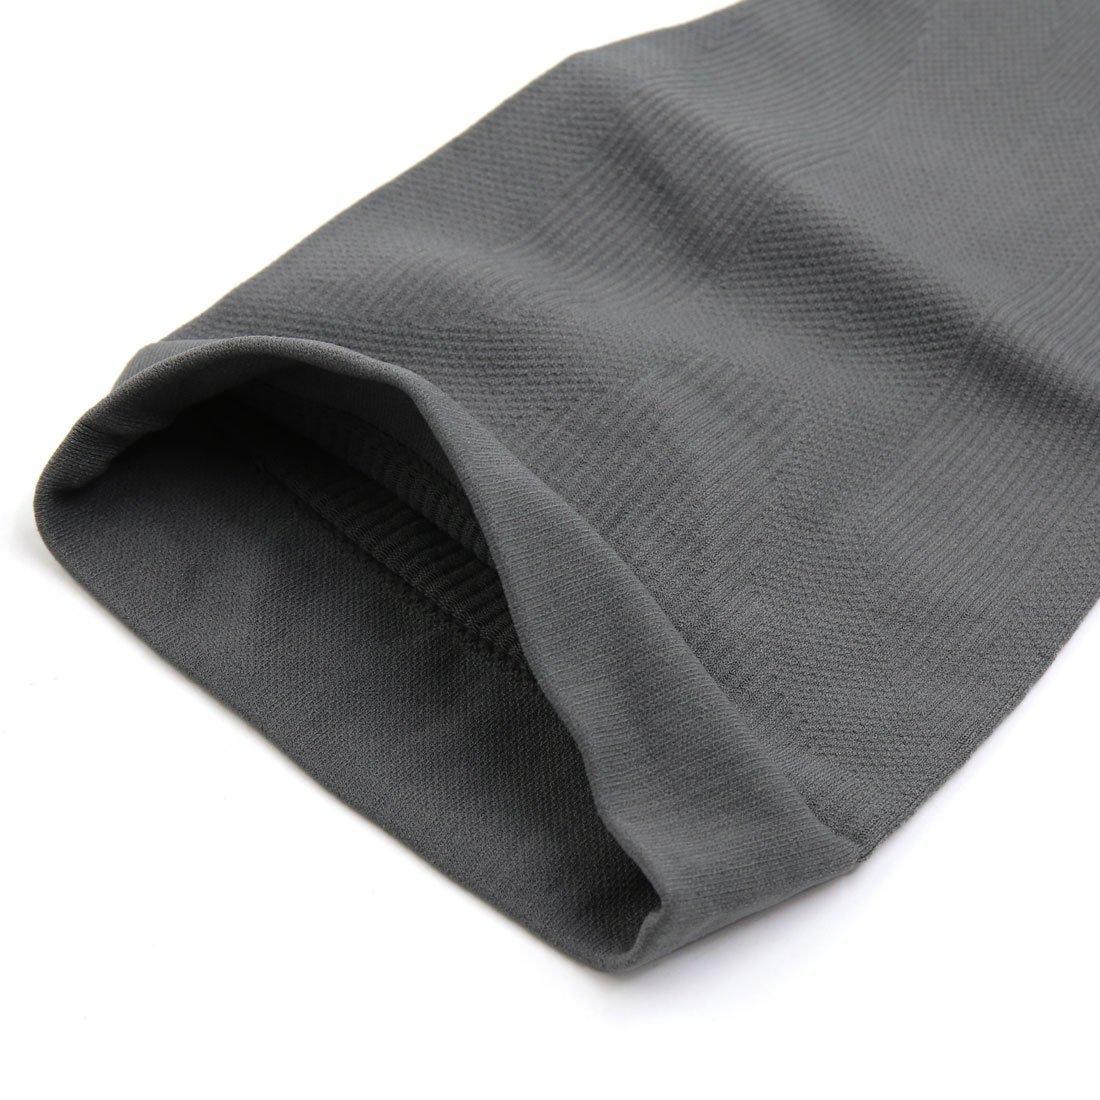 eDealMax 1 paire gris M Taille Unisexe élastique Jambe Façonner Tube Chaussettes mollet Bas Manches